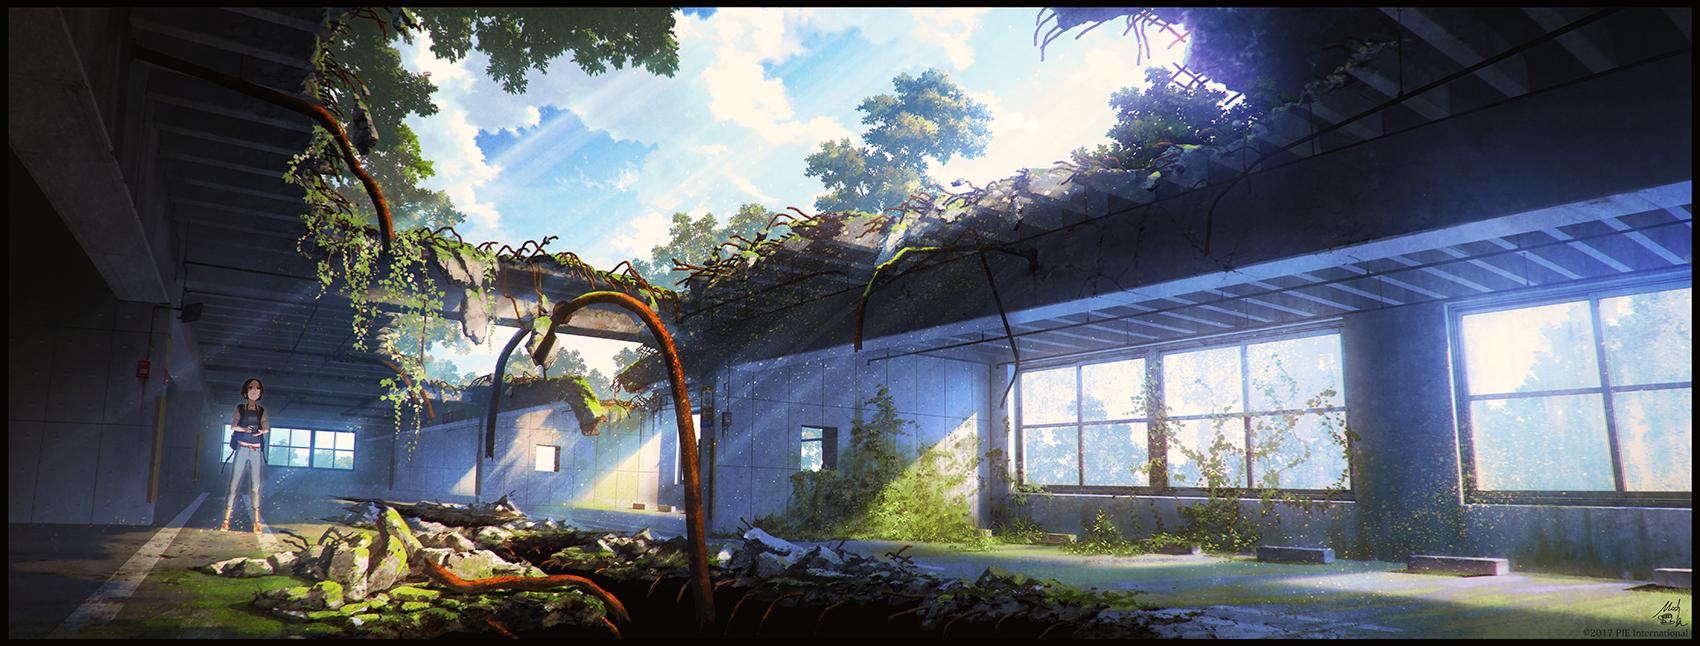 廃憶』廃墟をテーマにした風景イラスト集 - mocha booth - booth(同人誌